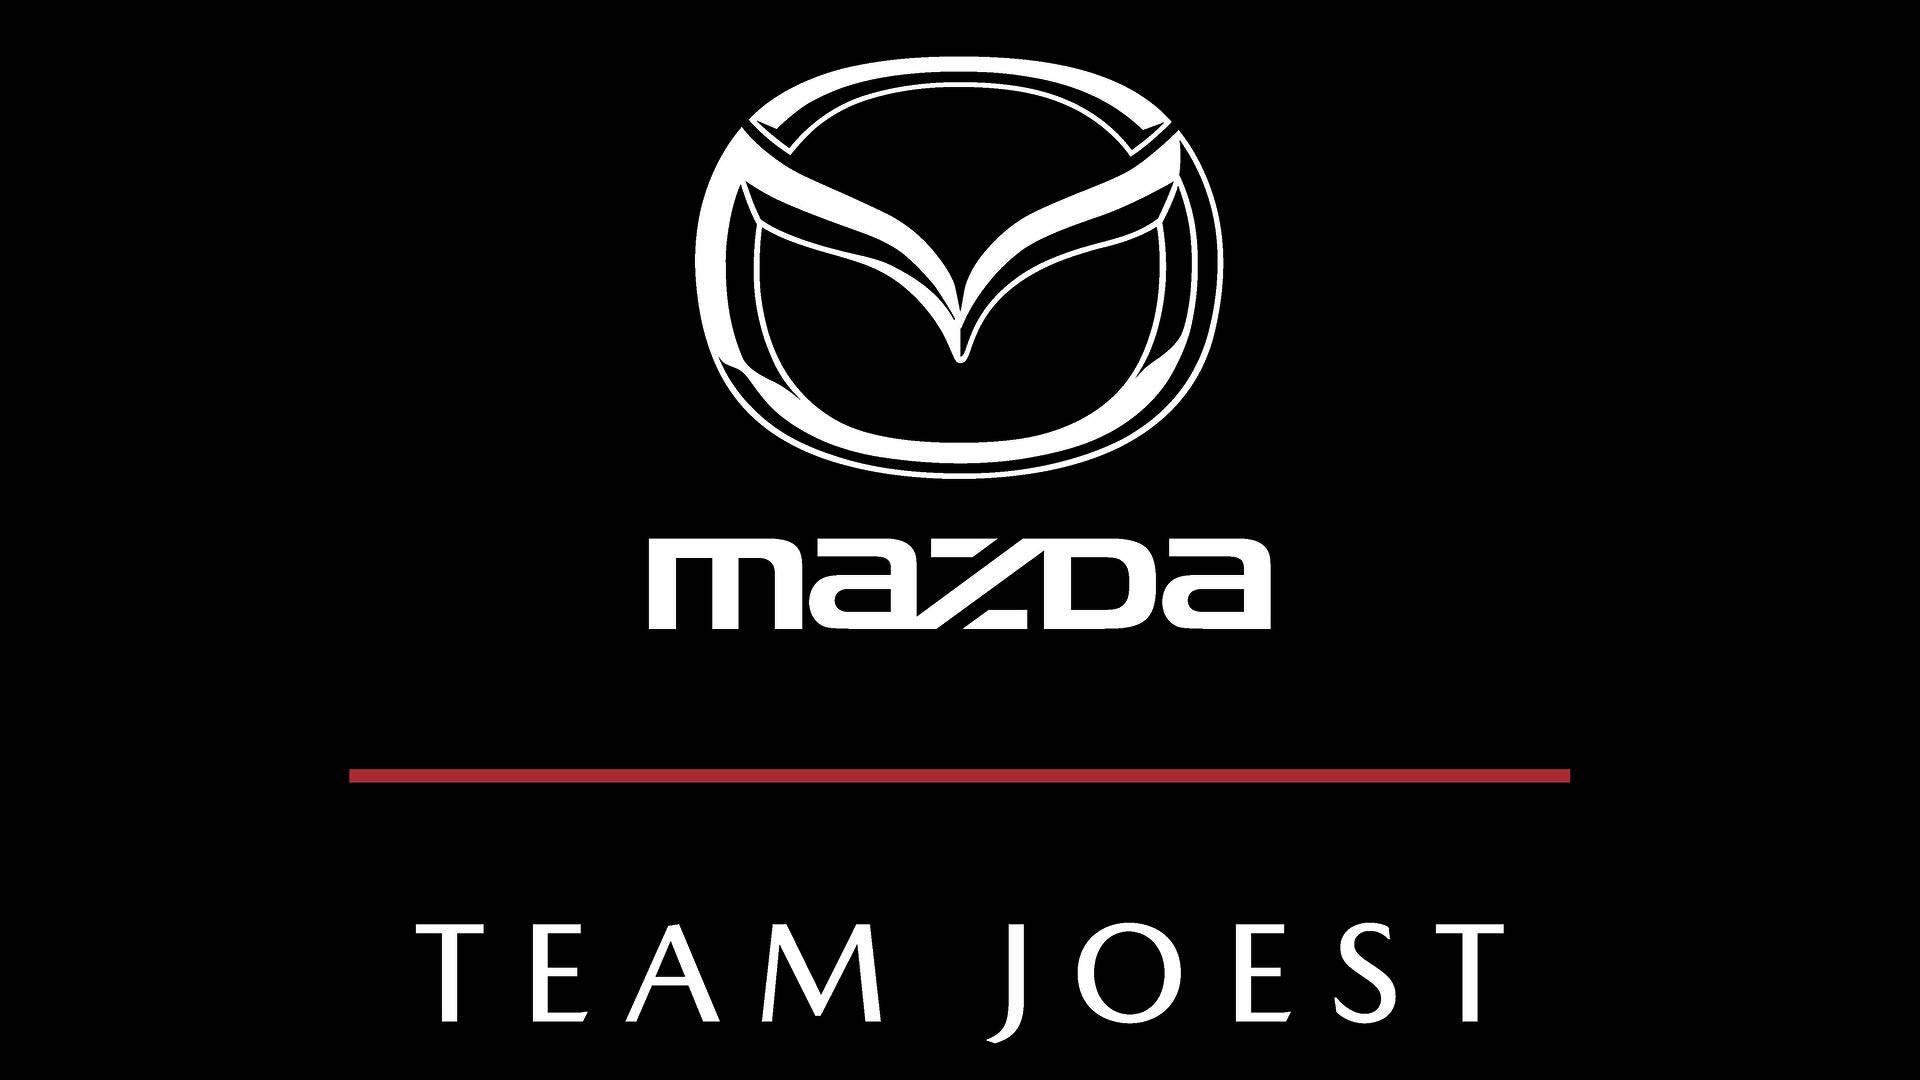 20171107 Mazda Team Joest Logo - Vertical on Dark BG V3